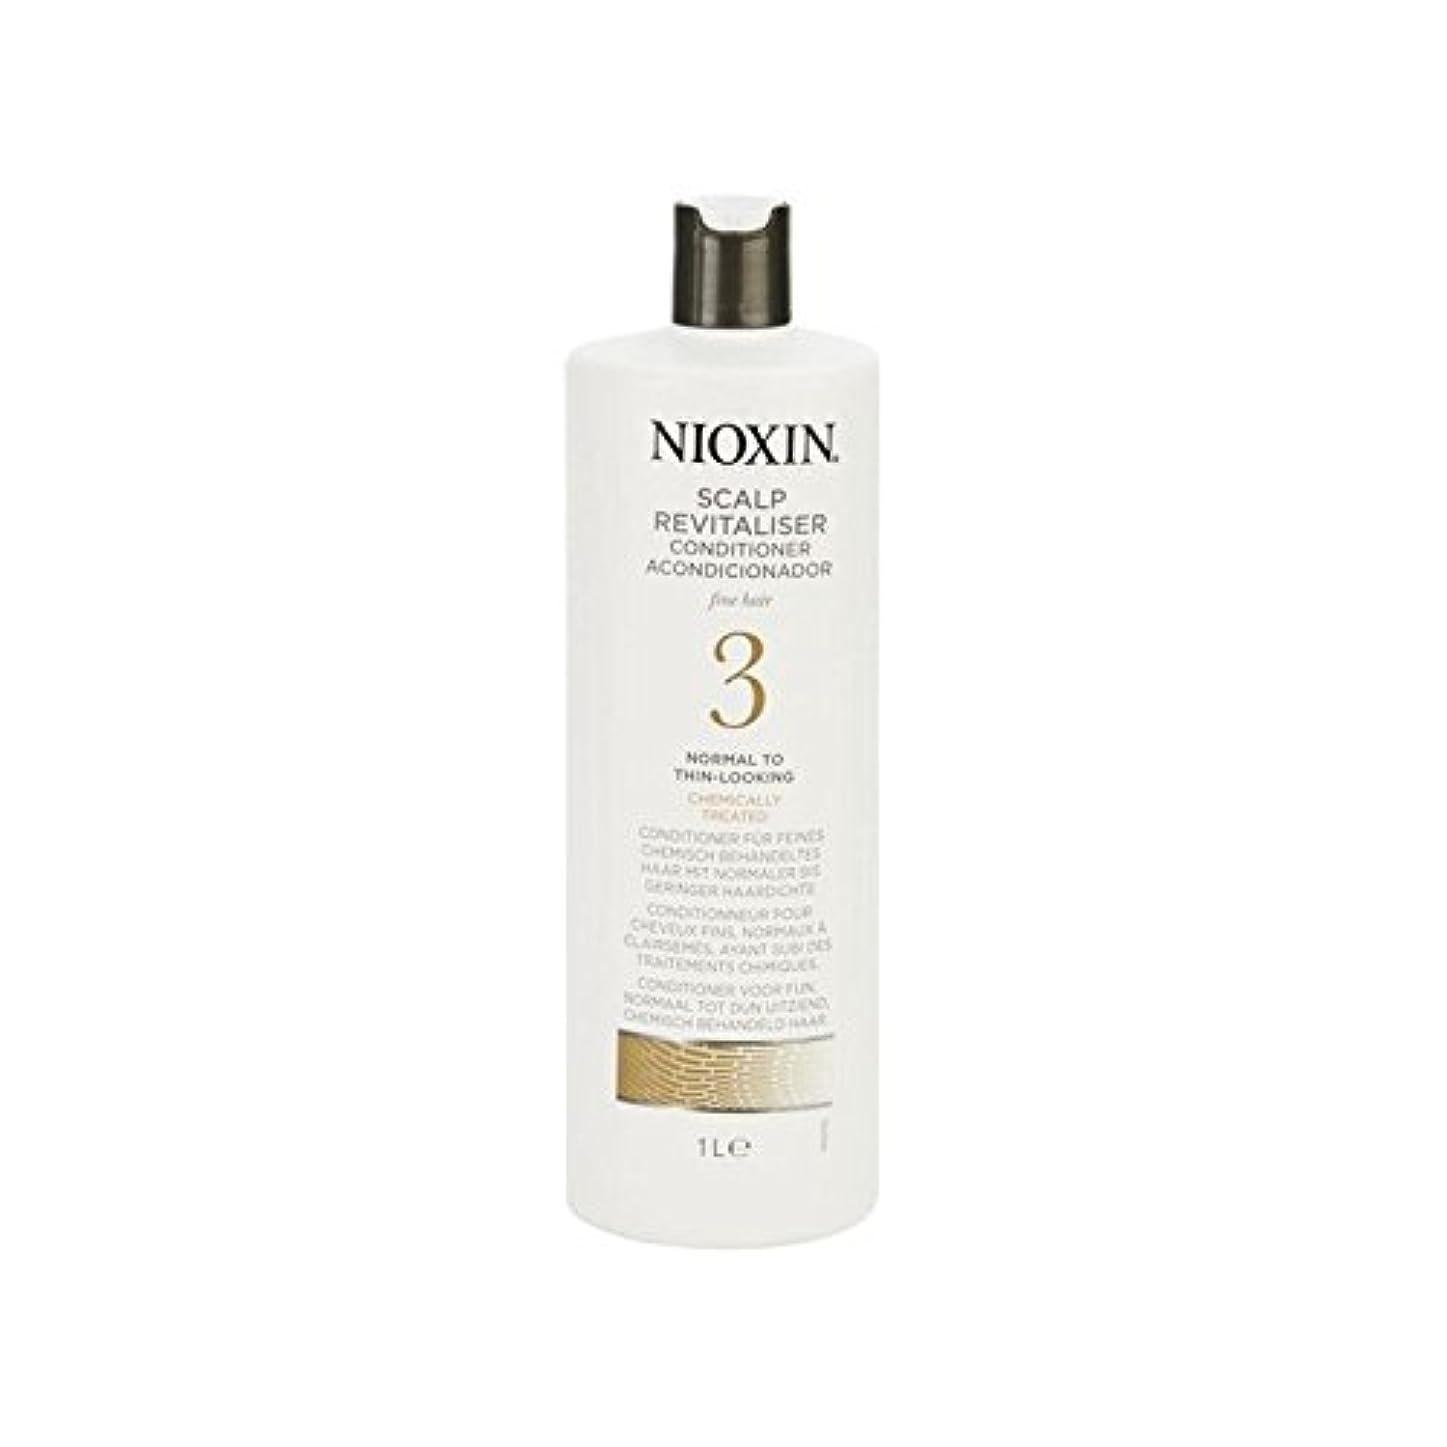 前任者嫉妬三角薄く、化学的に処理された毛髪の千ミリリットルに、通常の罰金ニオキシンシステム3頭皮コンディショナー、 x2 - Nioxin System 3 Scalp Revitaliser Conditioner For Fine, Normal To Thin, Chemically Treated Hair 1000ml (Pack of 2) [並行輸入品]